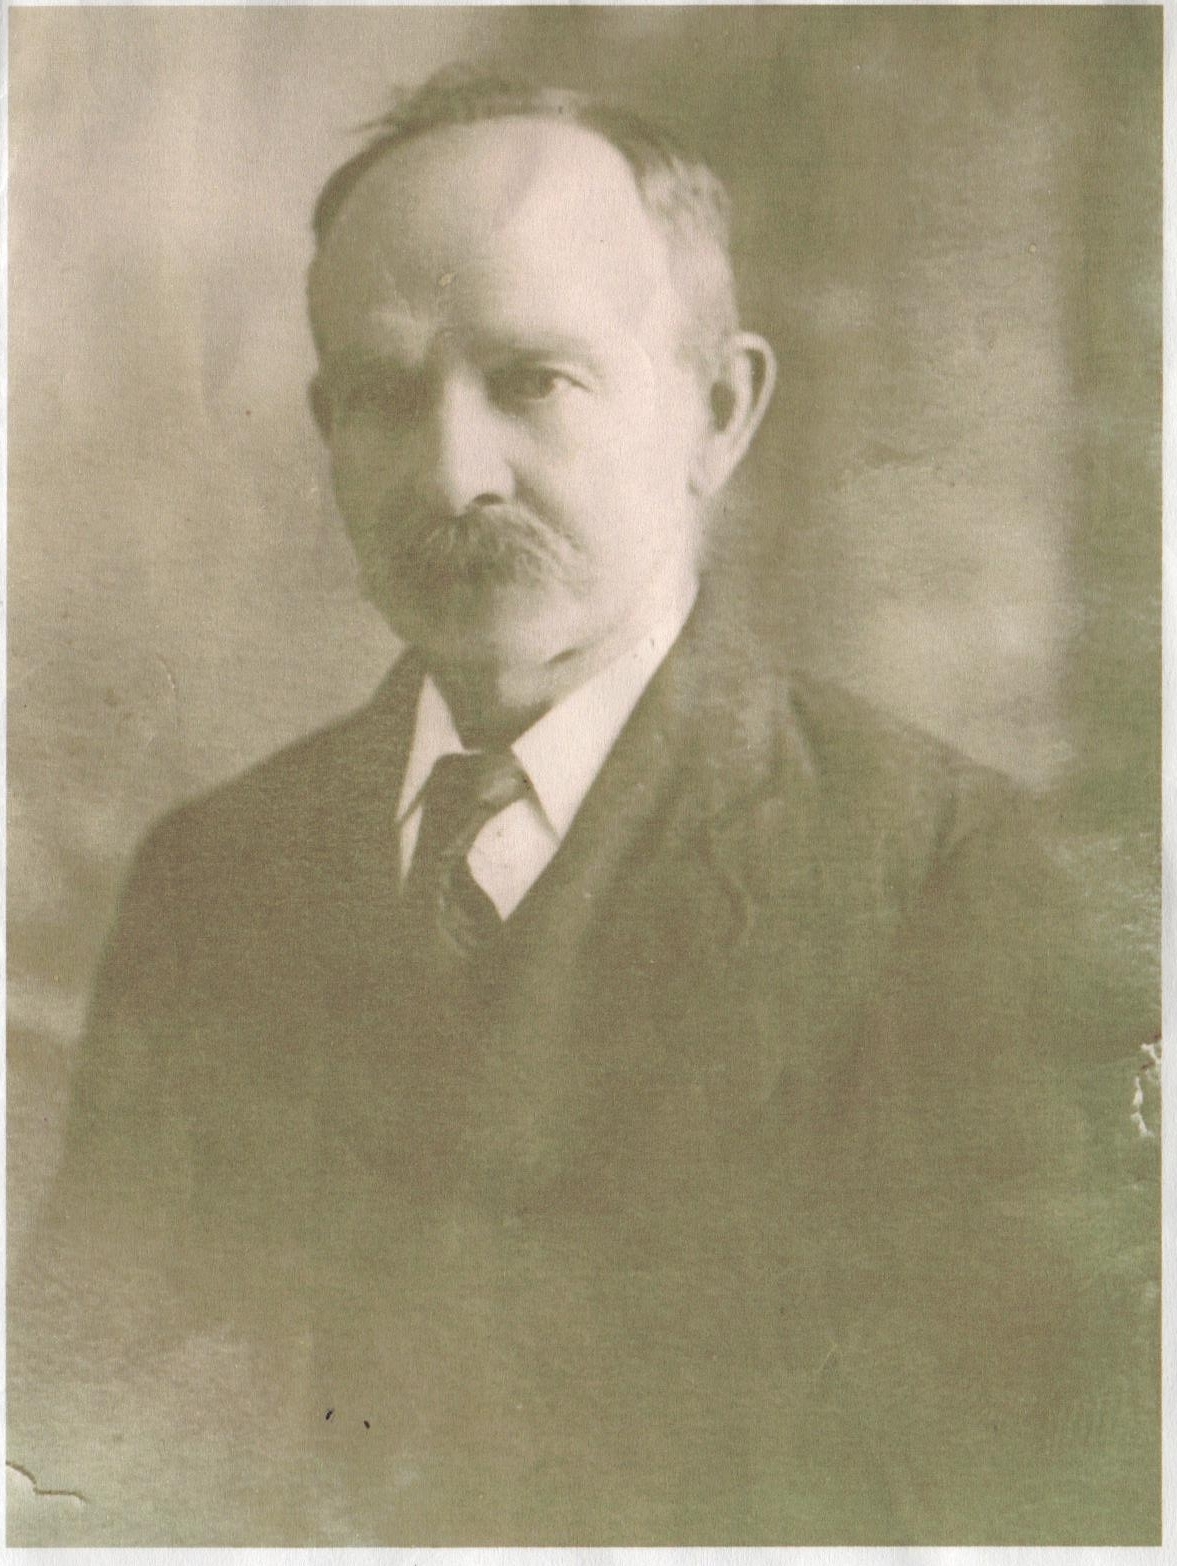 Robert S Rust